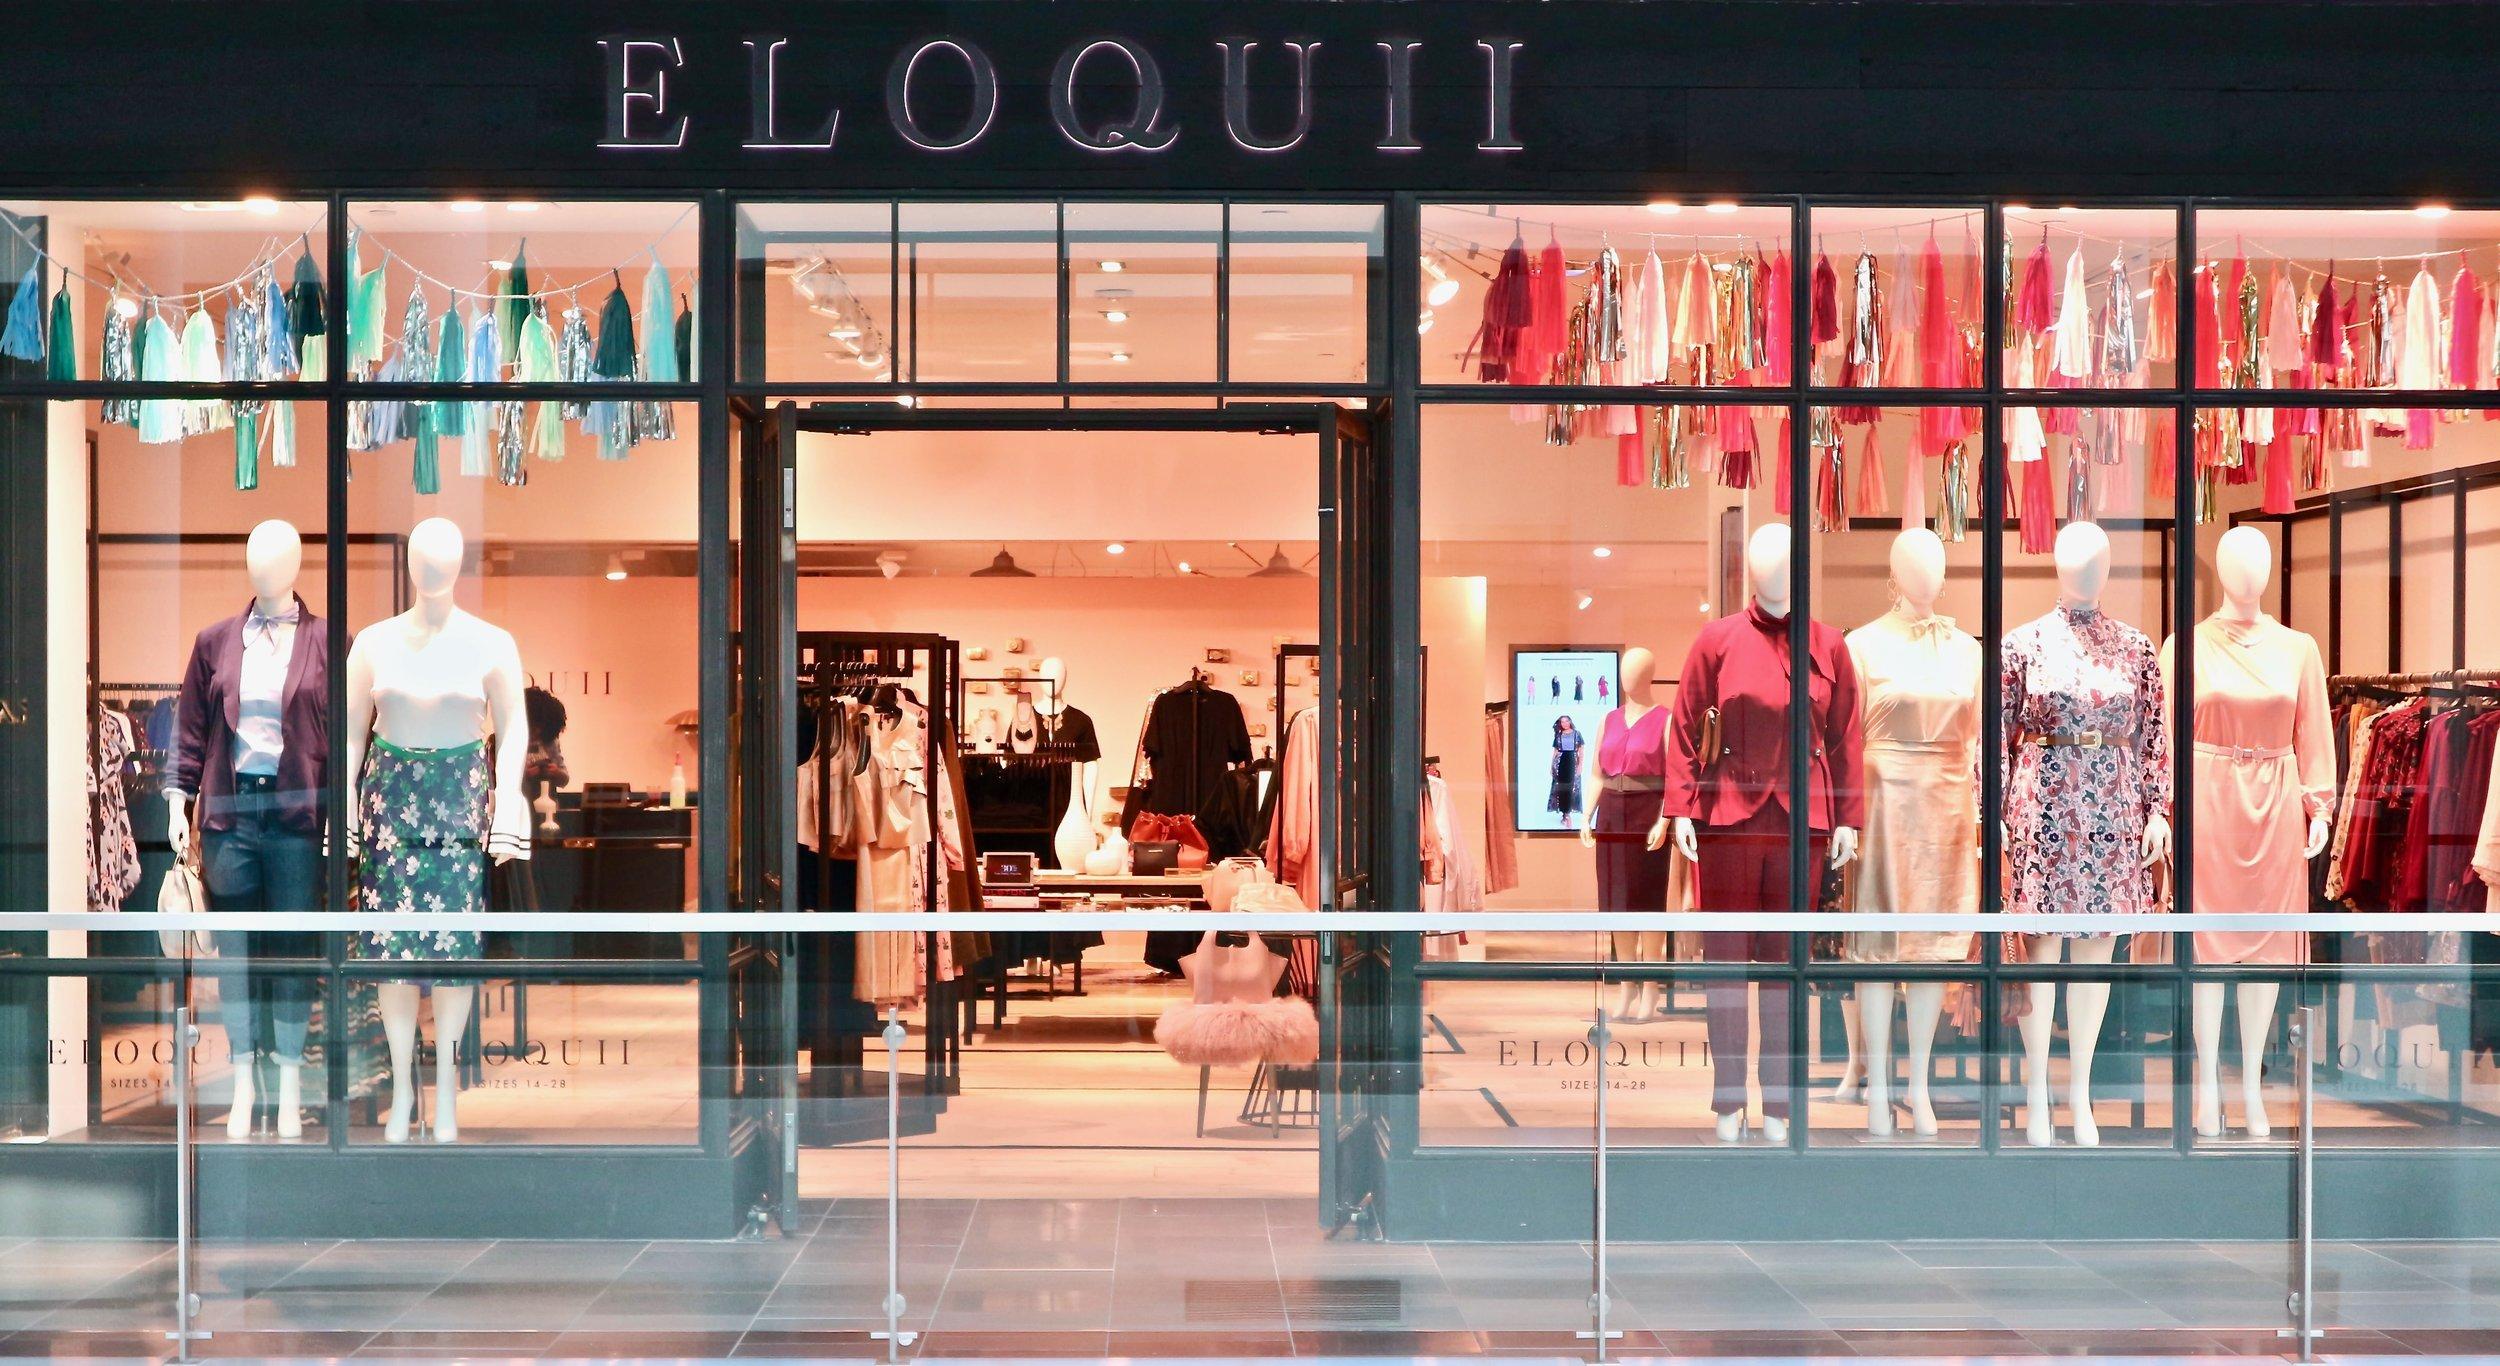 ELOQUII-store-front-1-by-Hafsa-Siddiqi.jpg